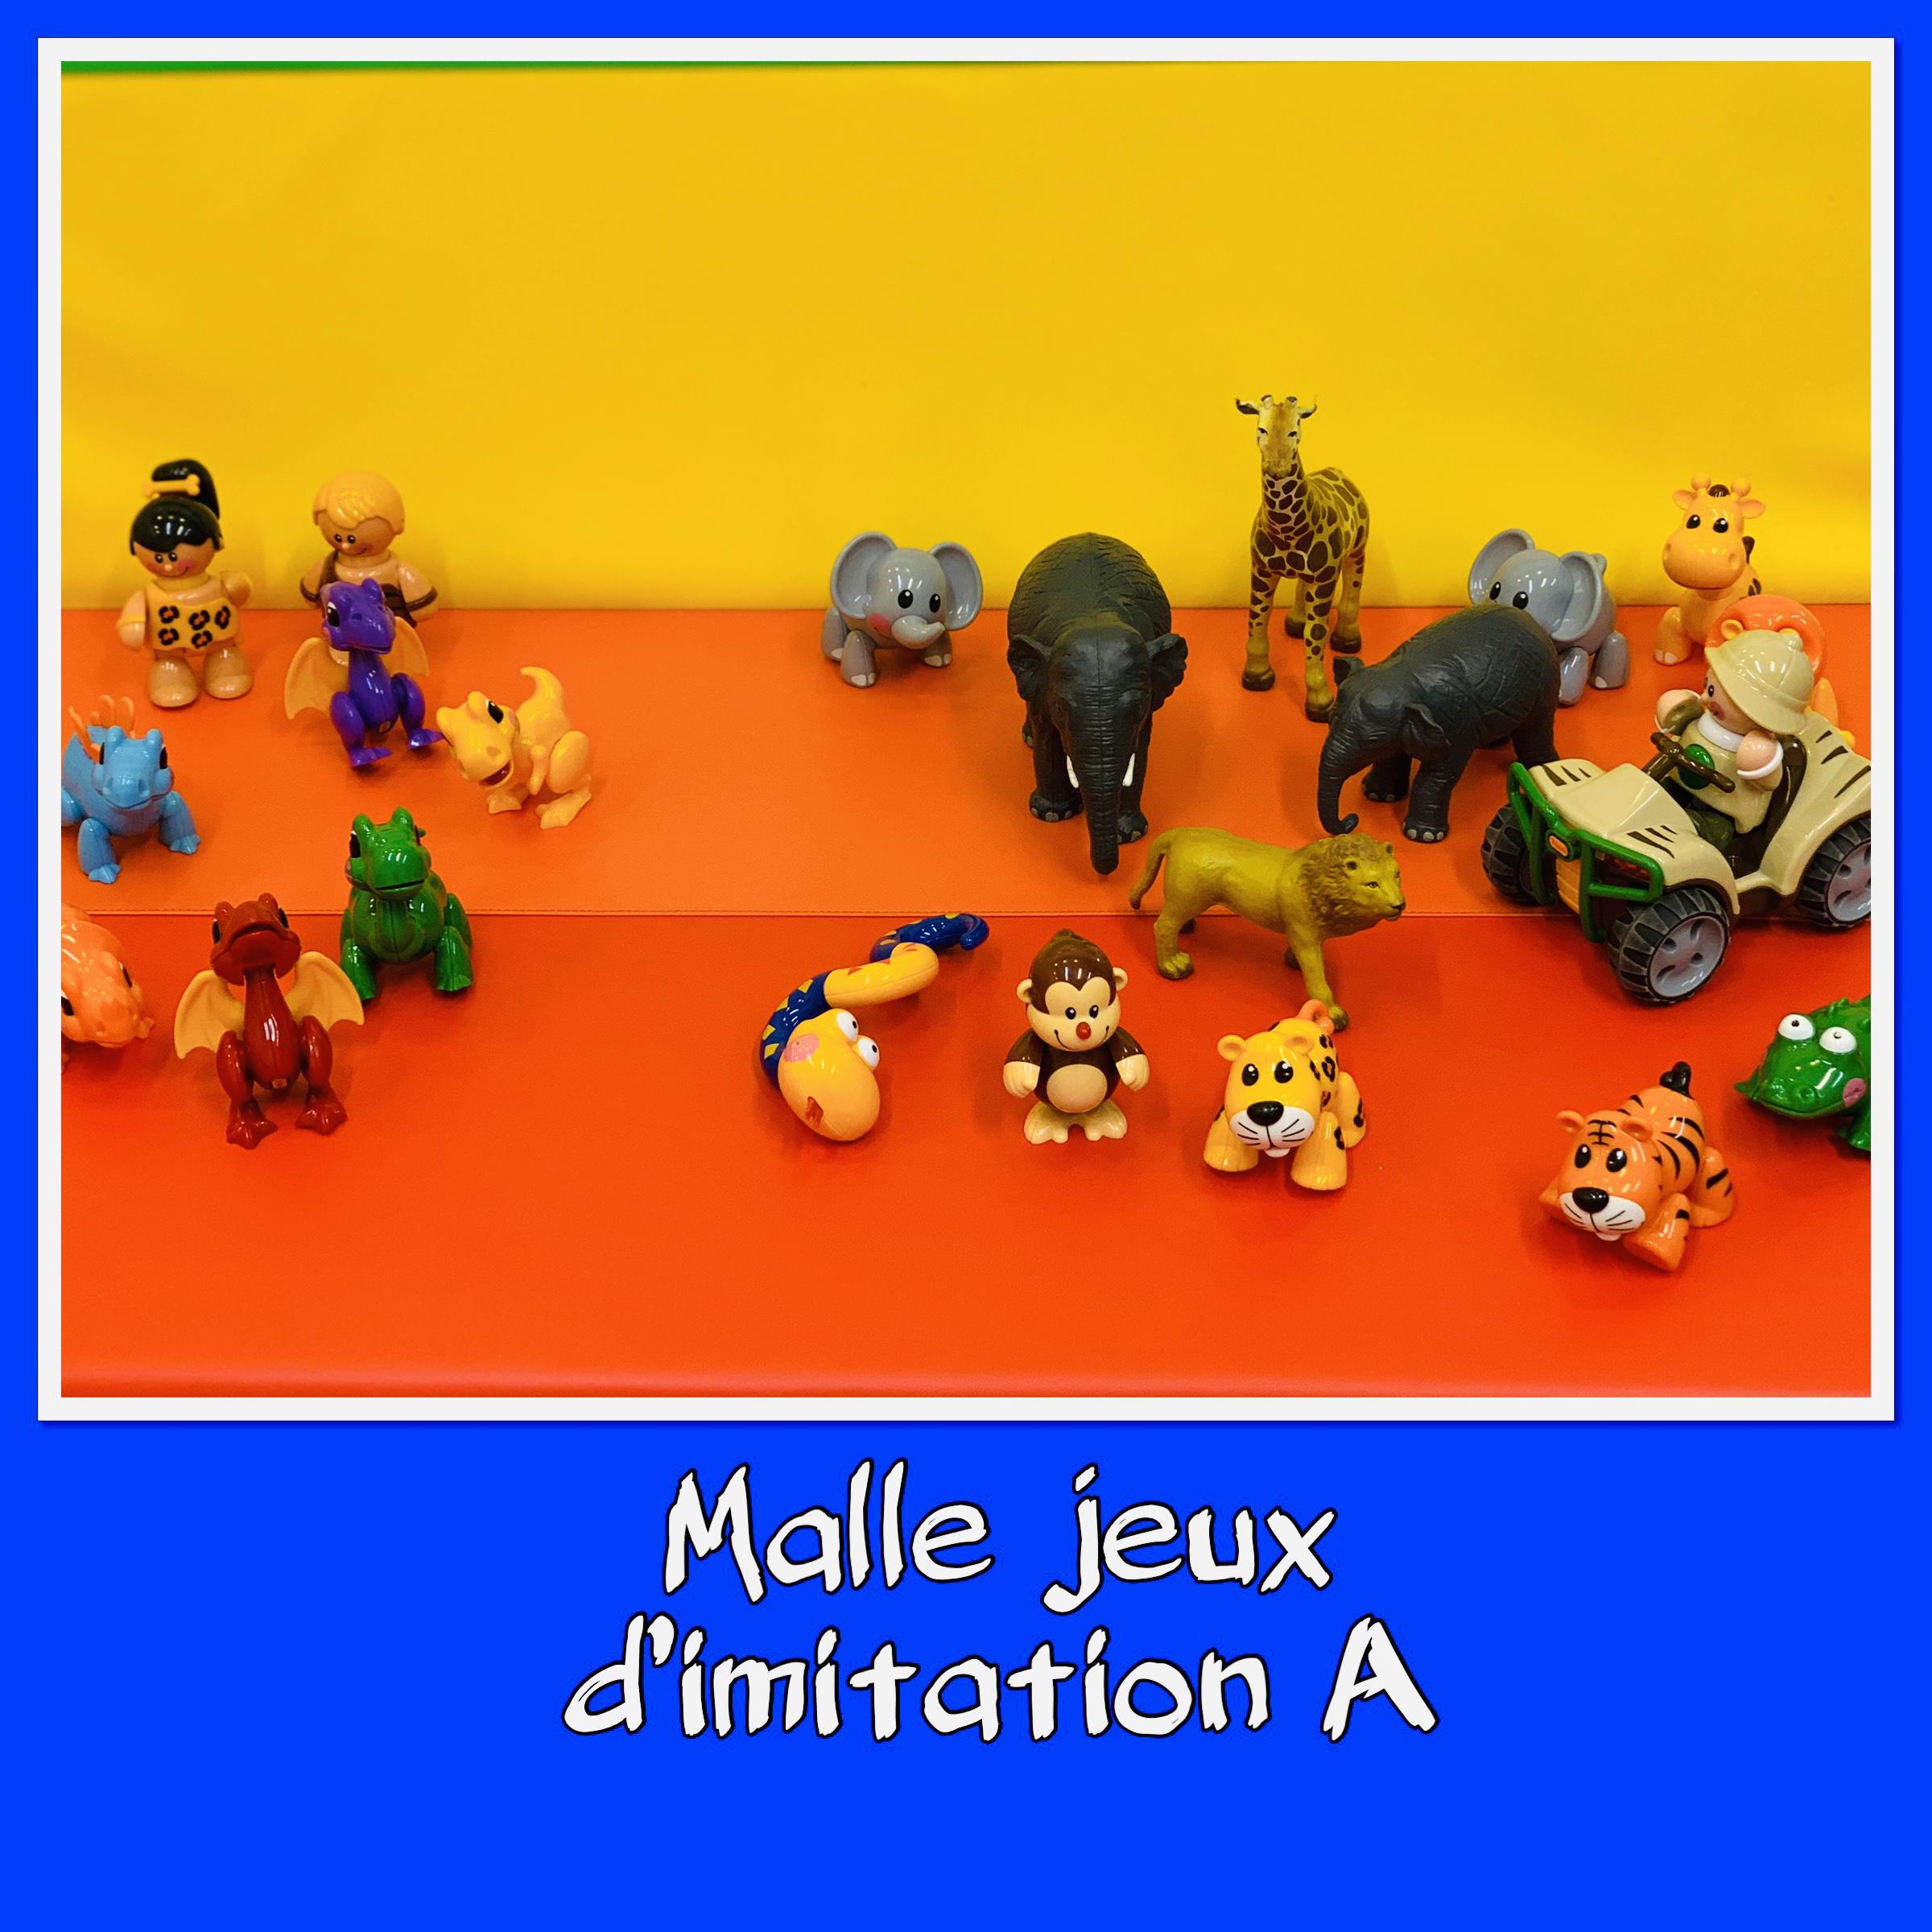 Malle imitation 9